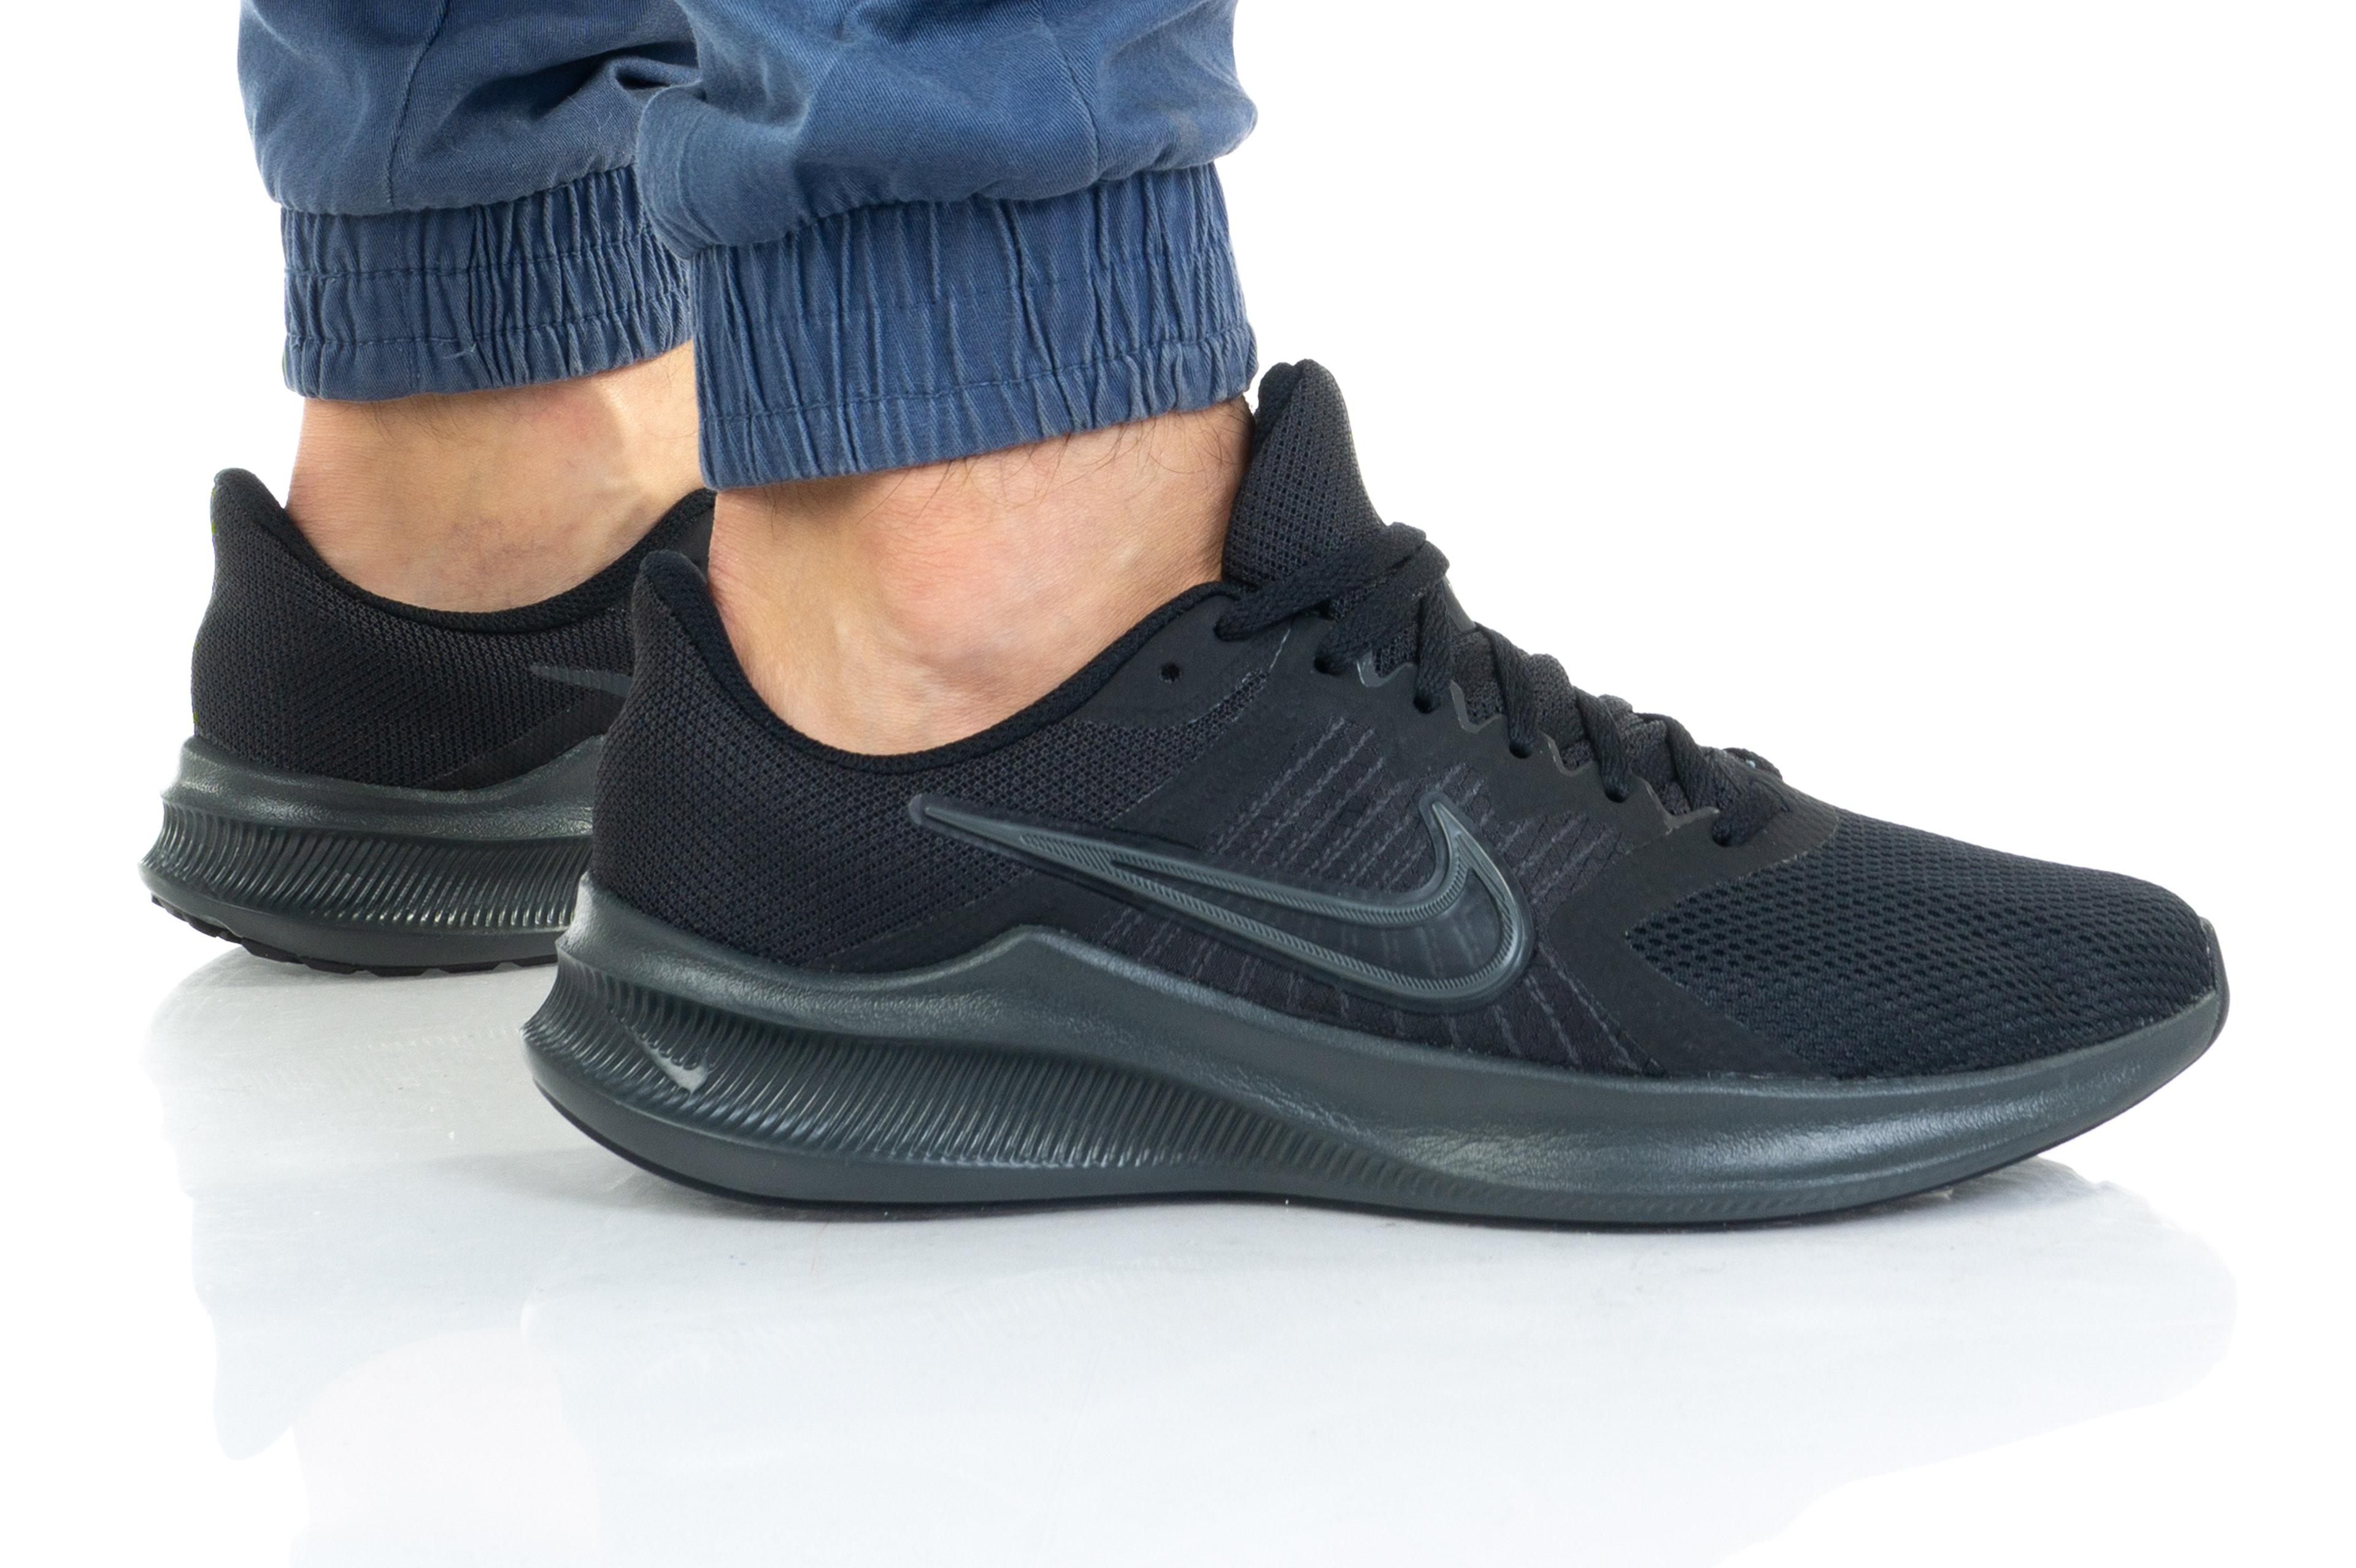 Nike DOWNSHIFTER 11 CW3411-002